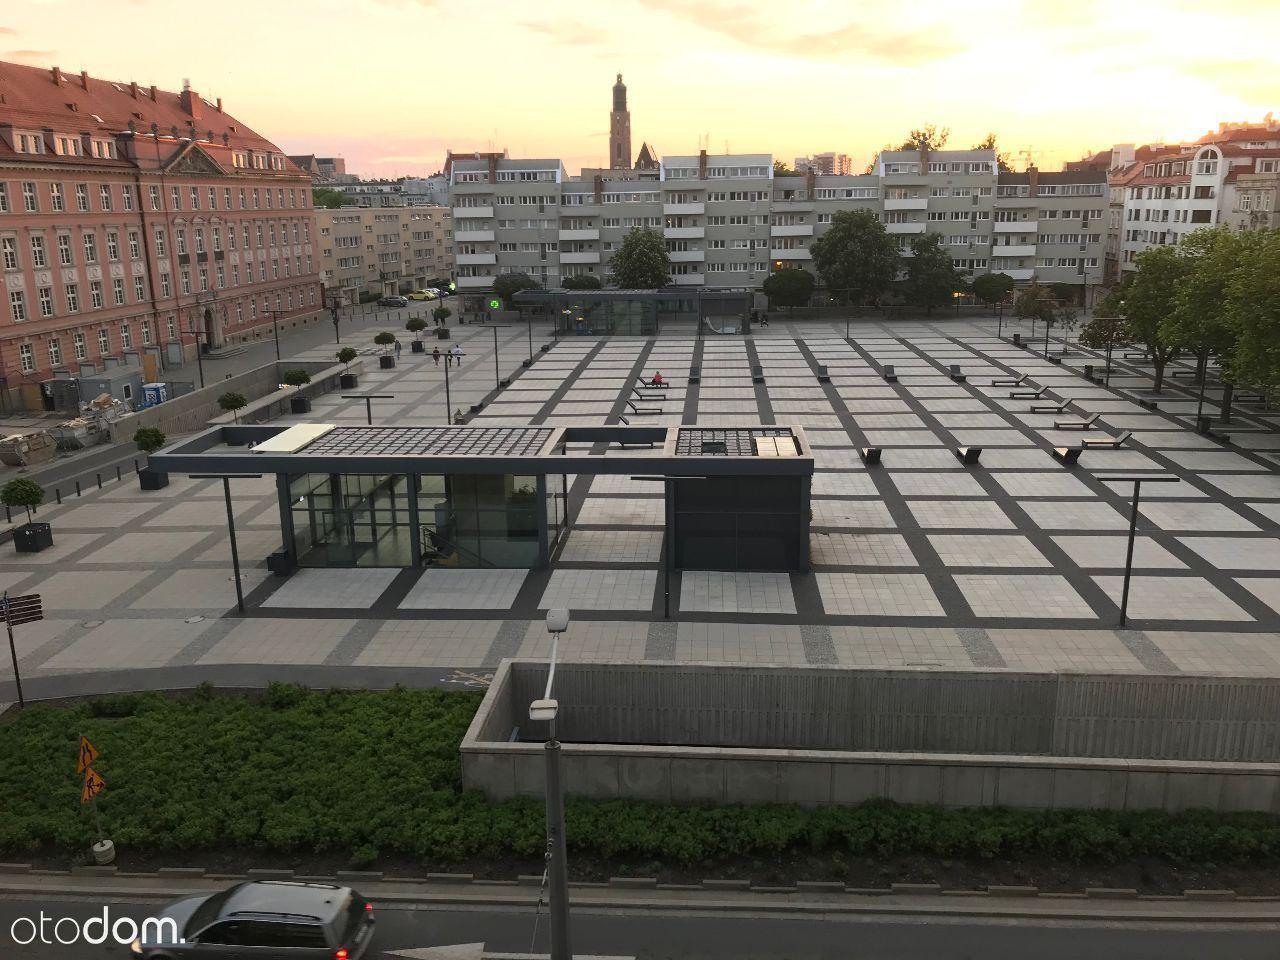 [Wroclaw, Pl. Nowy Targ] Pokój w centrum Wroclawia